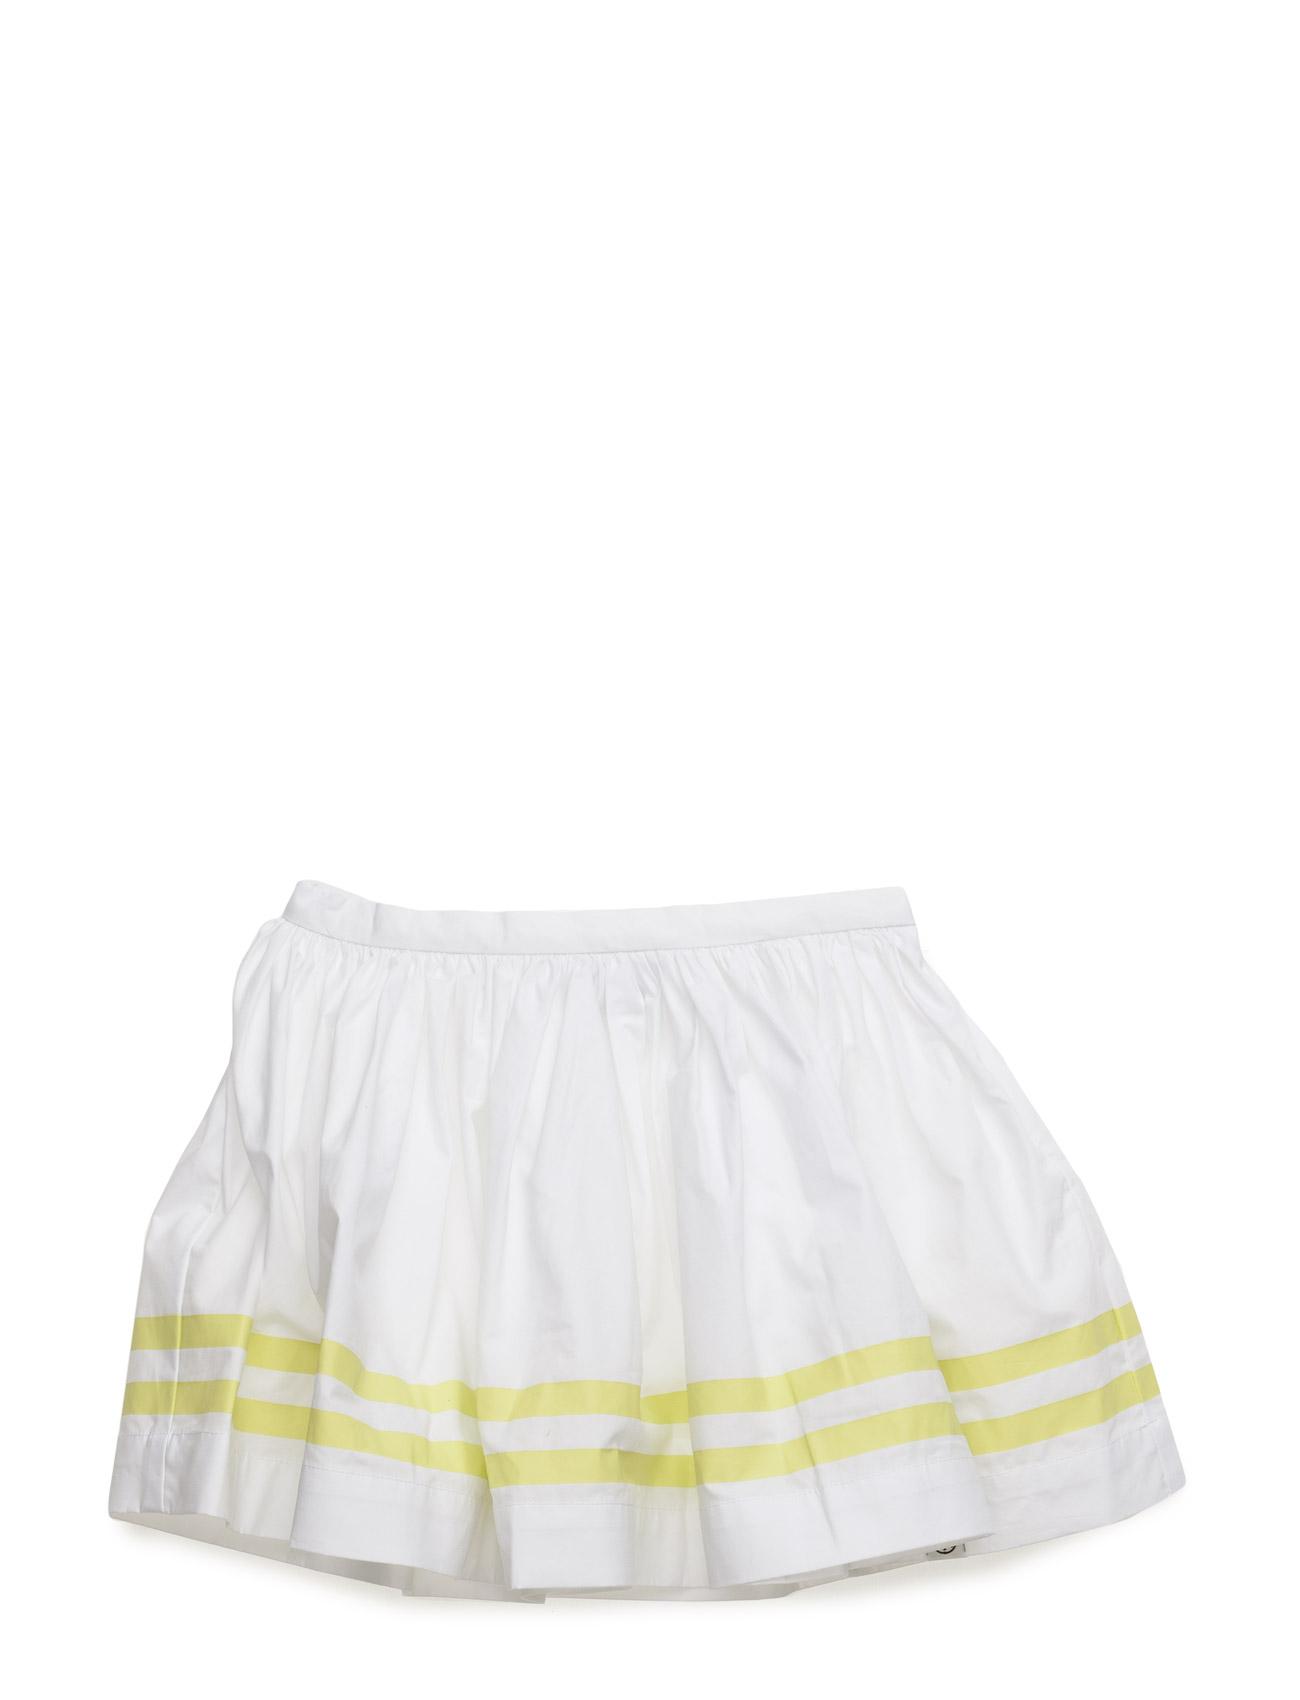 6b83bea3 Rosa Colorkids Bikini med skjørt Color Kids Badetøy til Barn ...